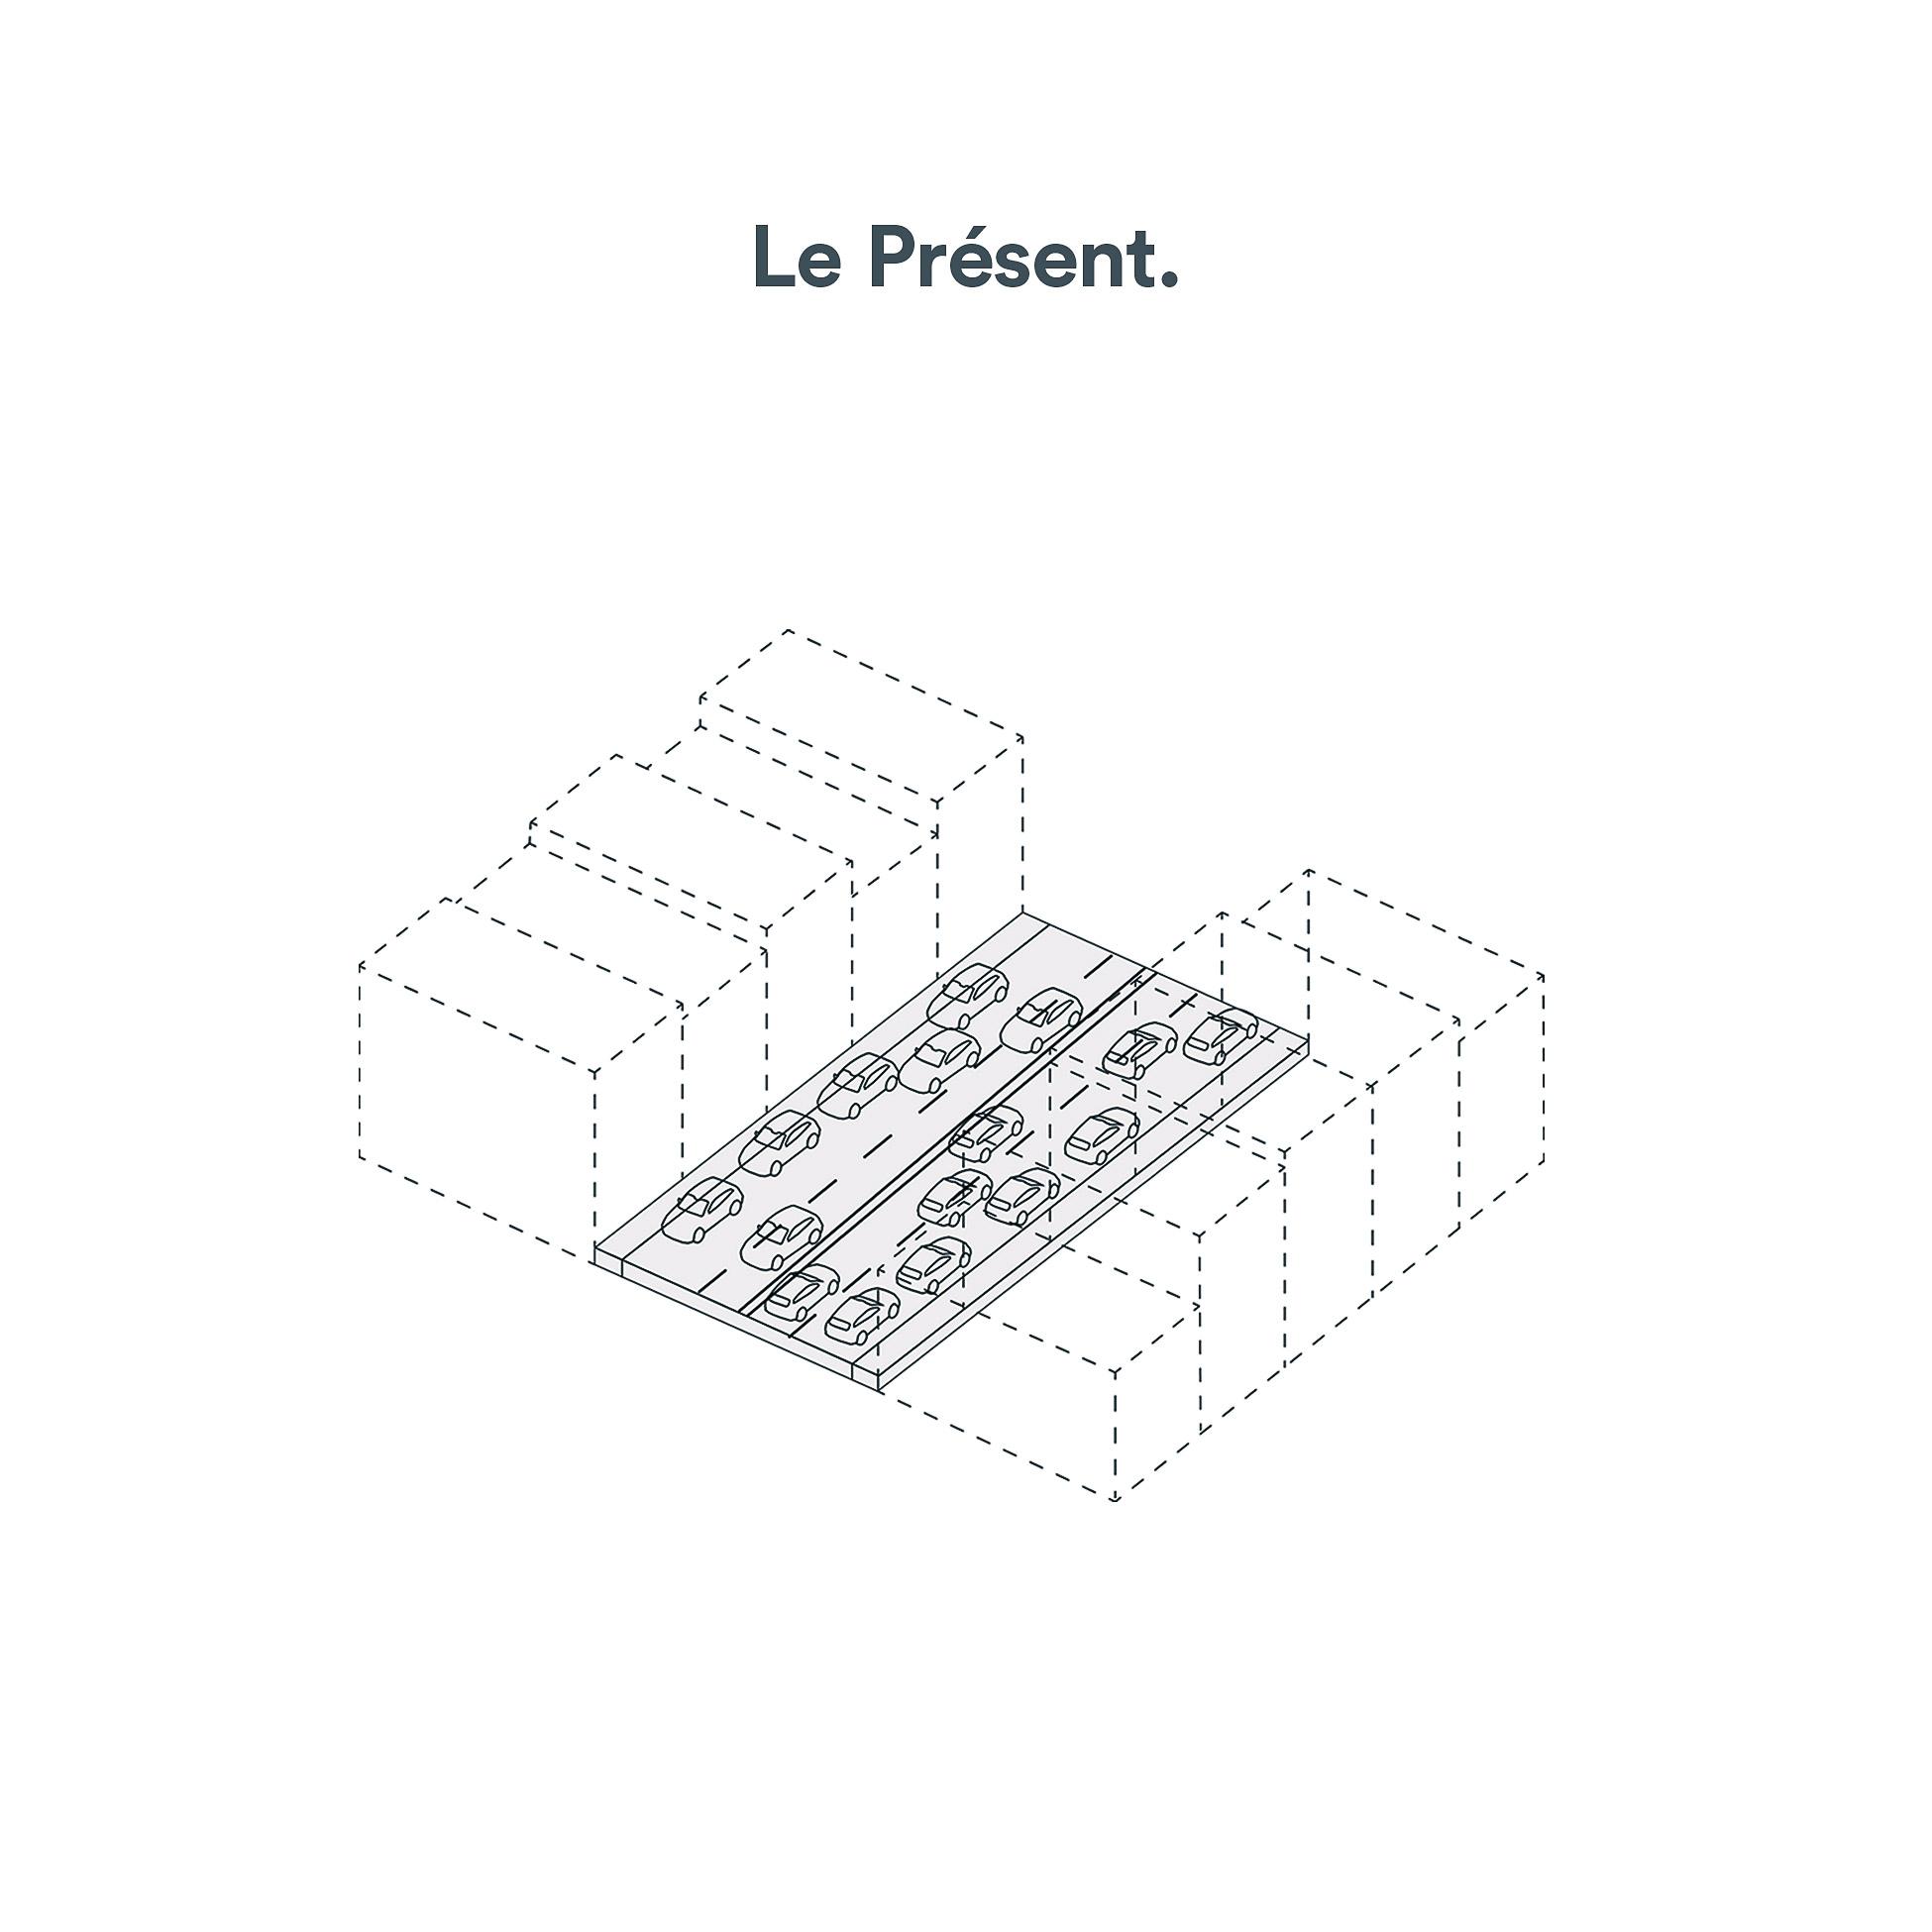 Zarate Lavigne_Cano_Le_Present